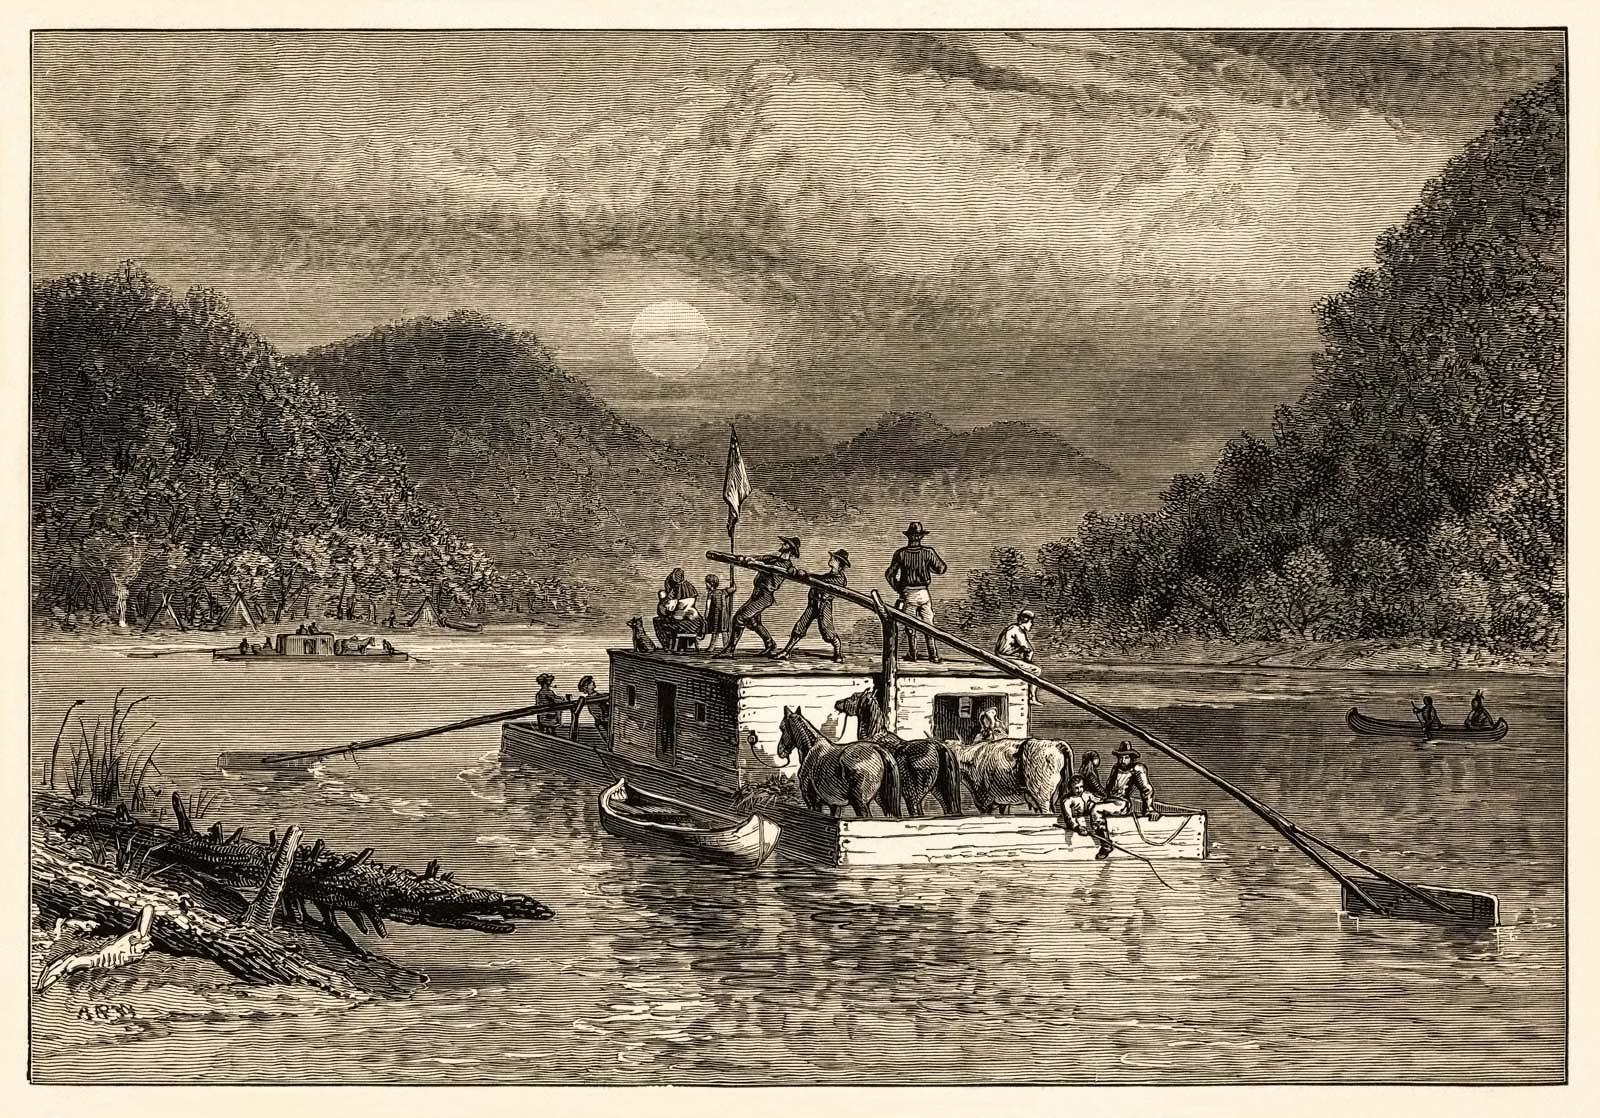 Floatboat on the Ohio